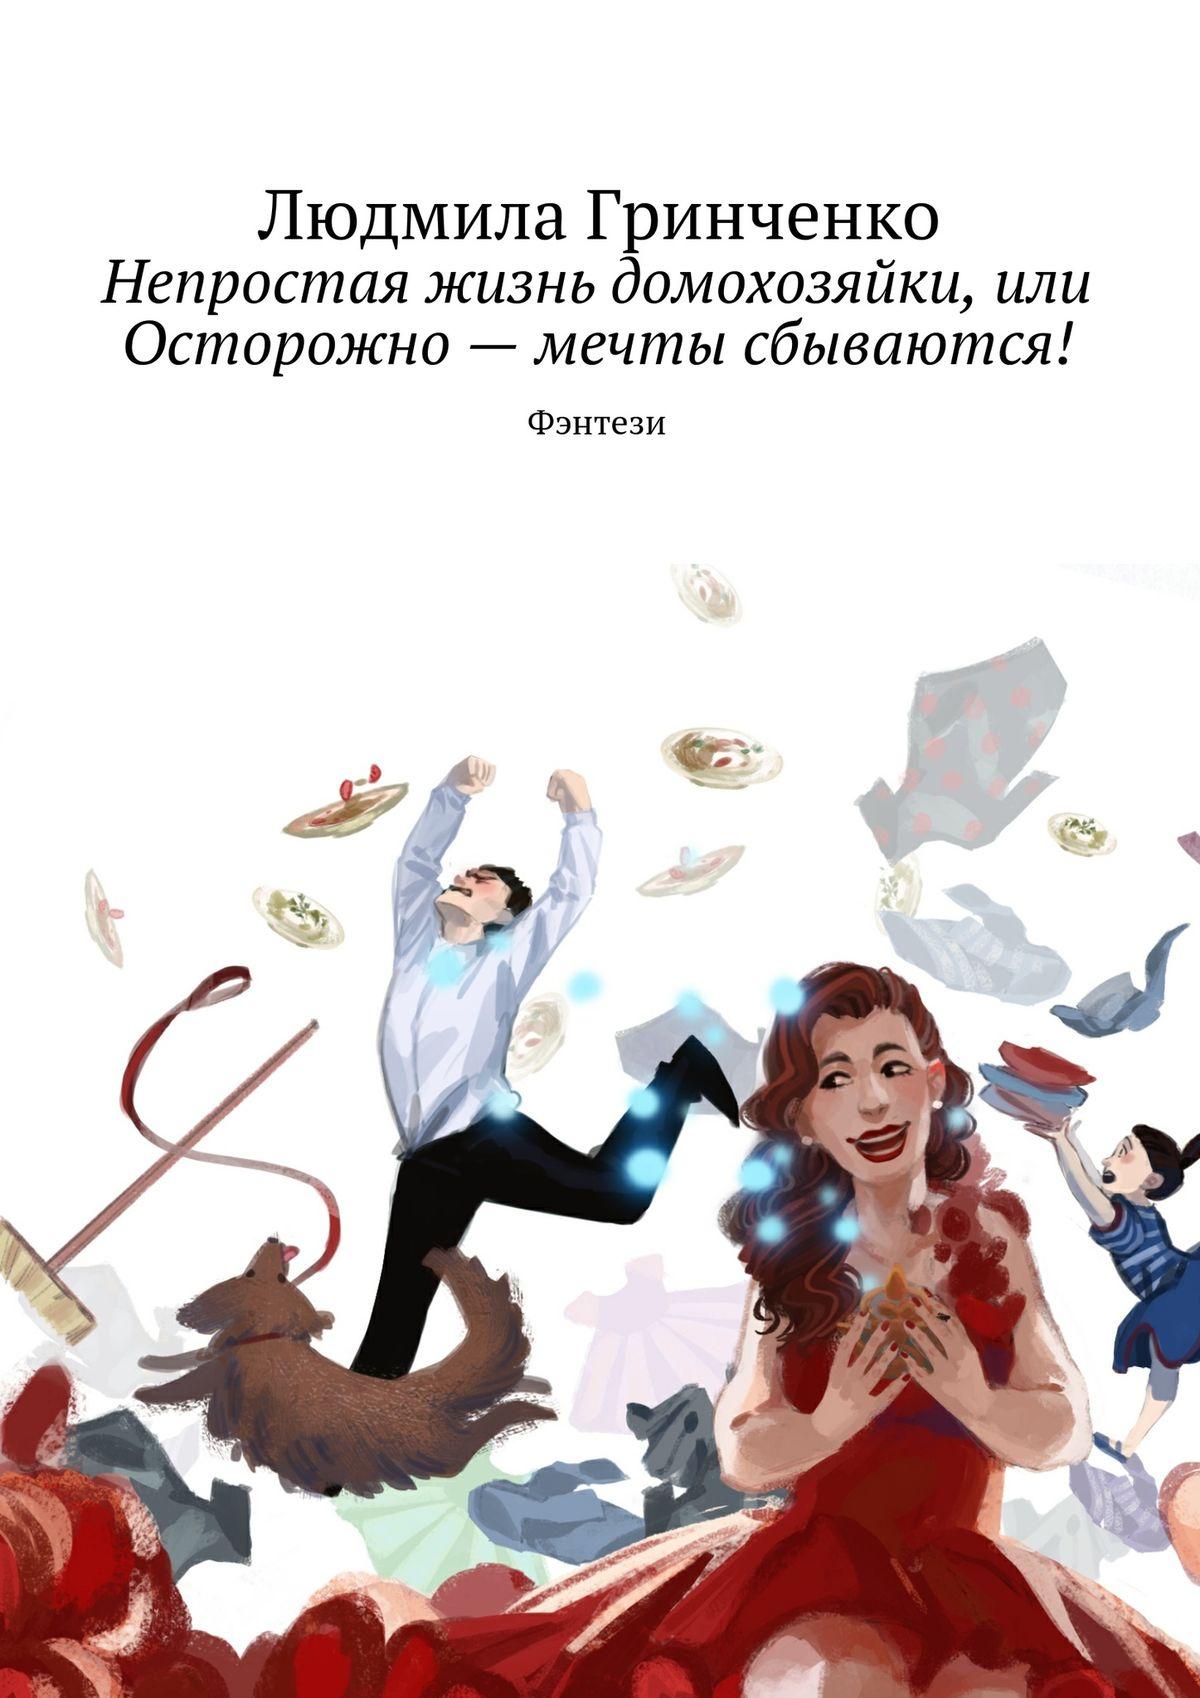 Непростая жизнь домохозяйки, или Осторожно– мечты сбываются! Фэнтези